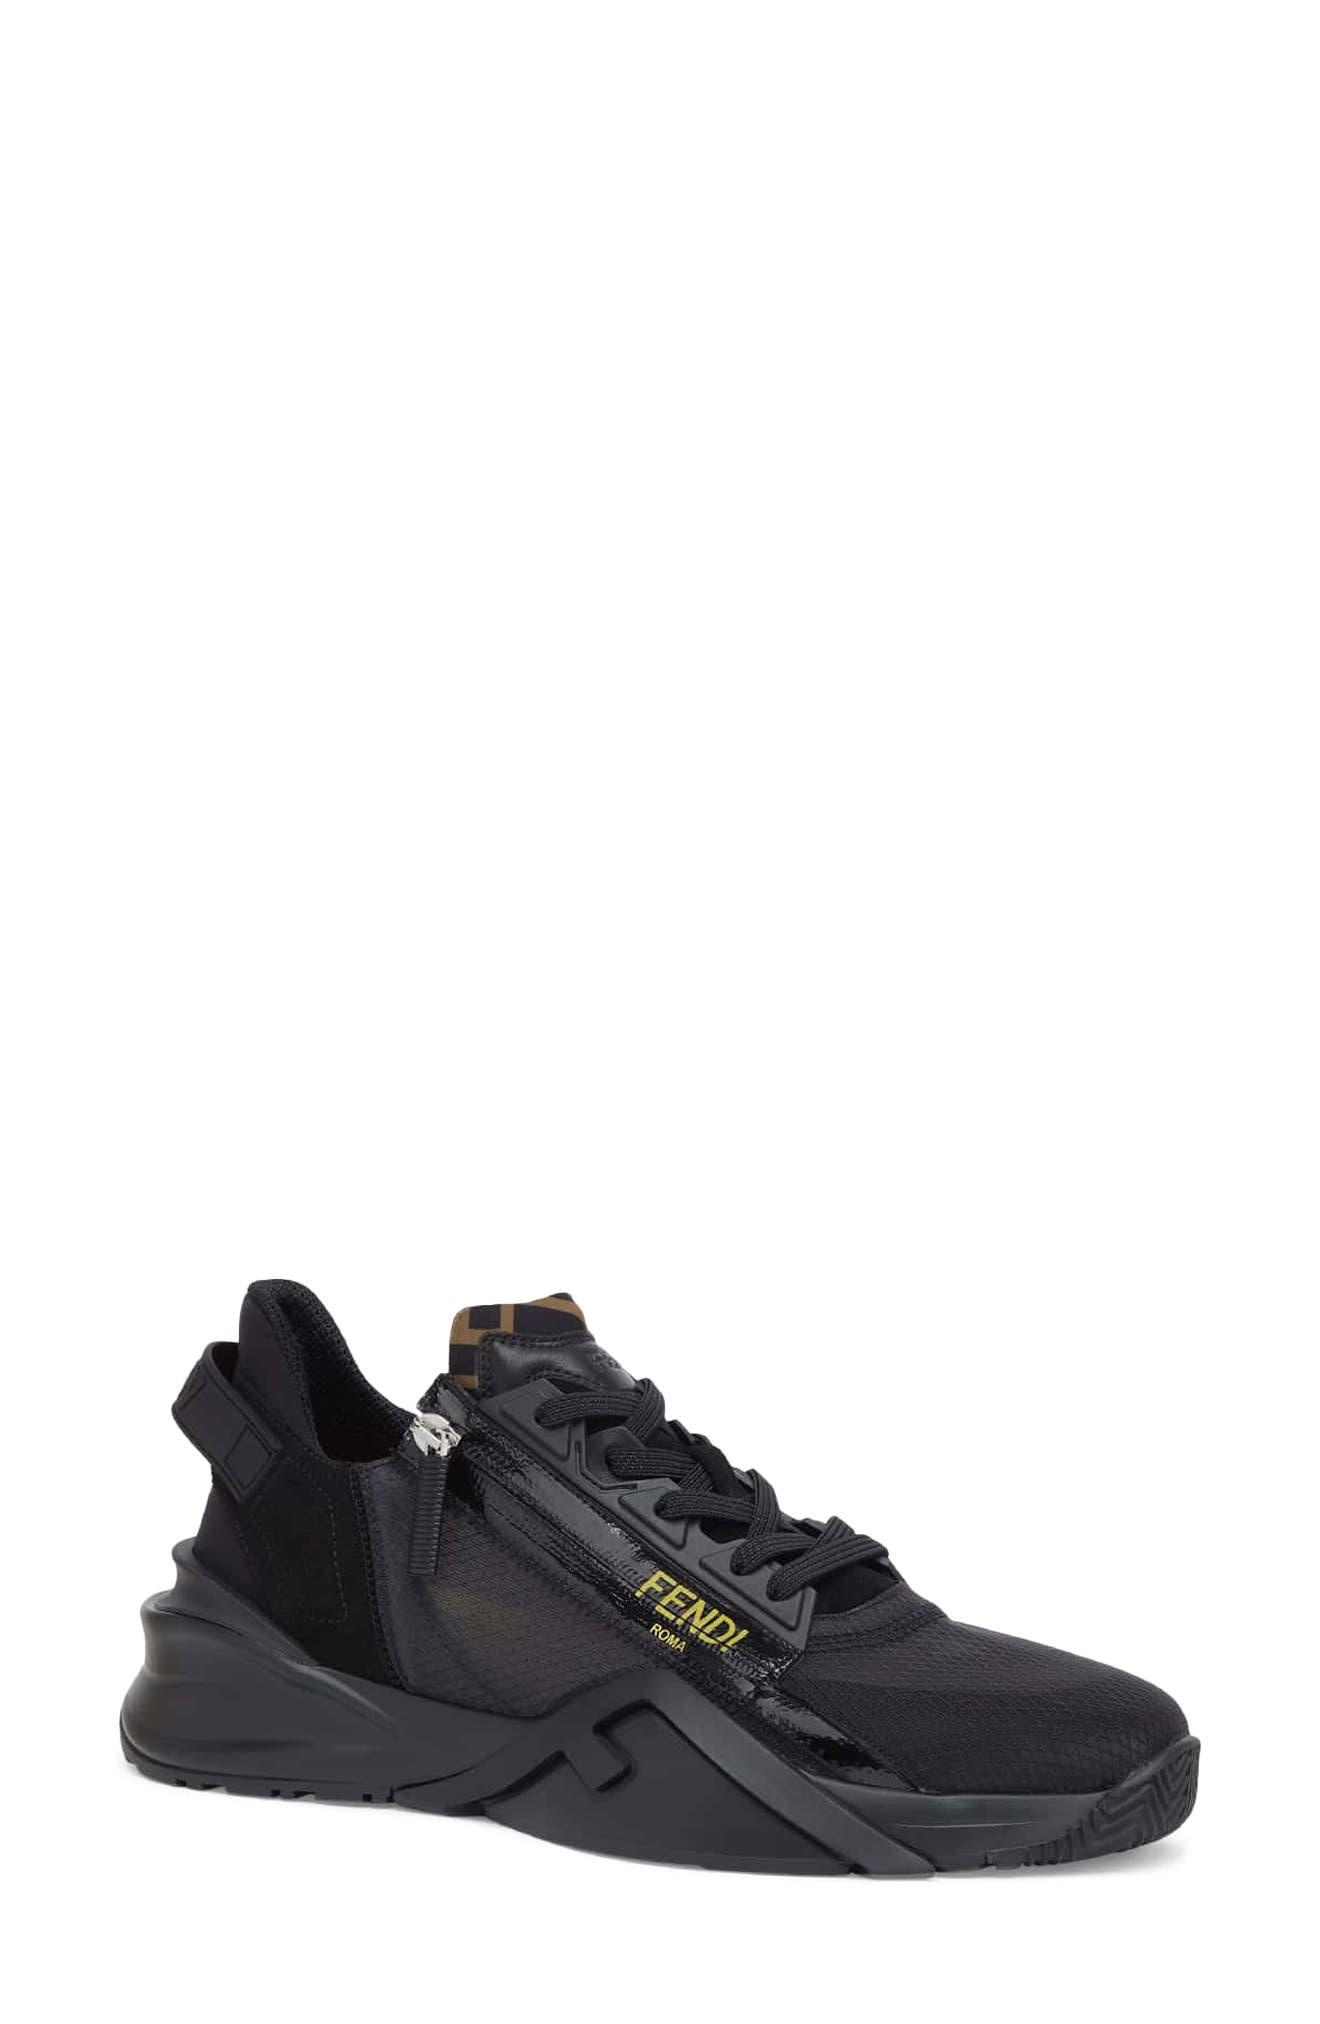 Fendi Sneakers \u0026 Athletic Shoes | Nordstrom